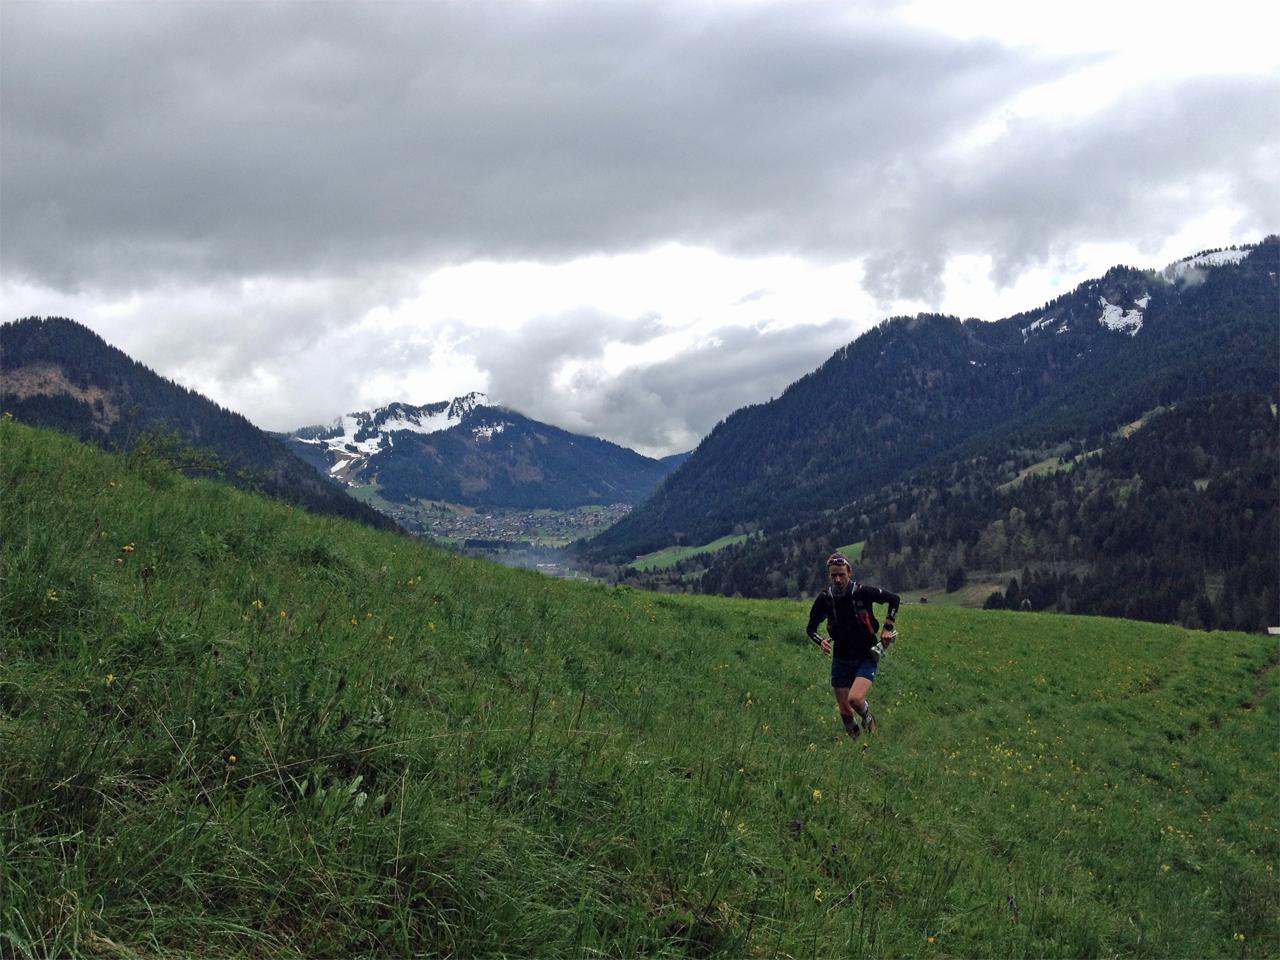 Activiteiten - Trailrunning voorjaar